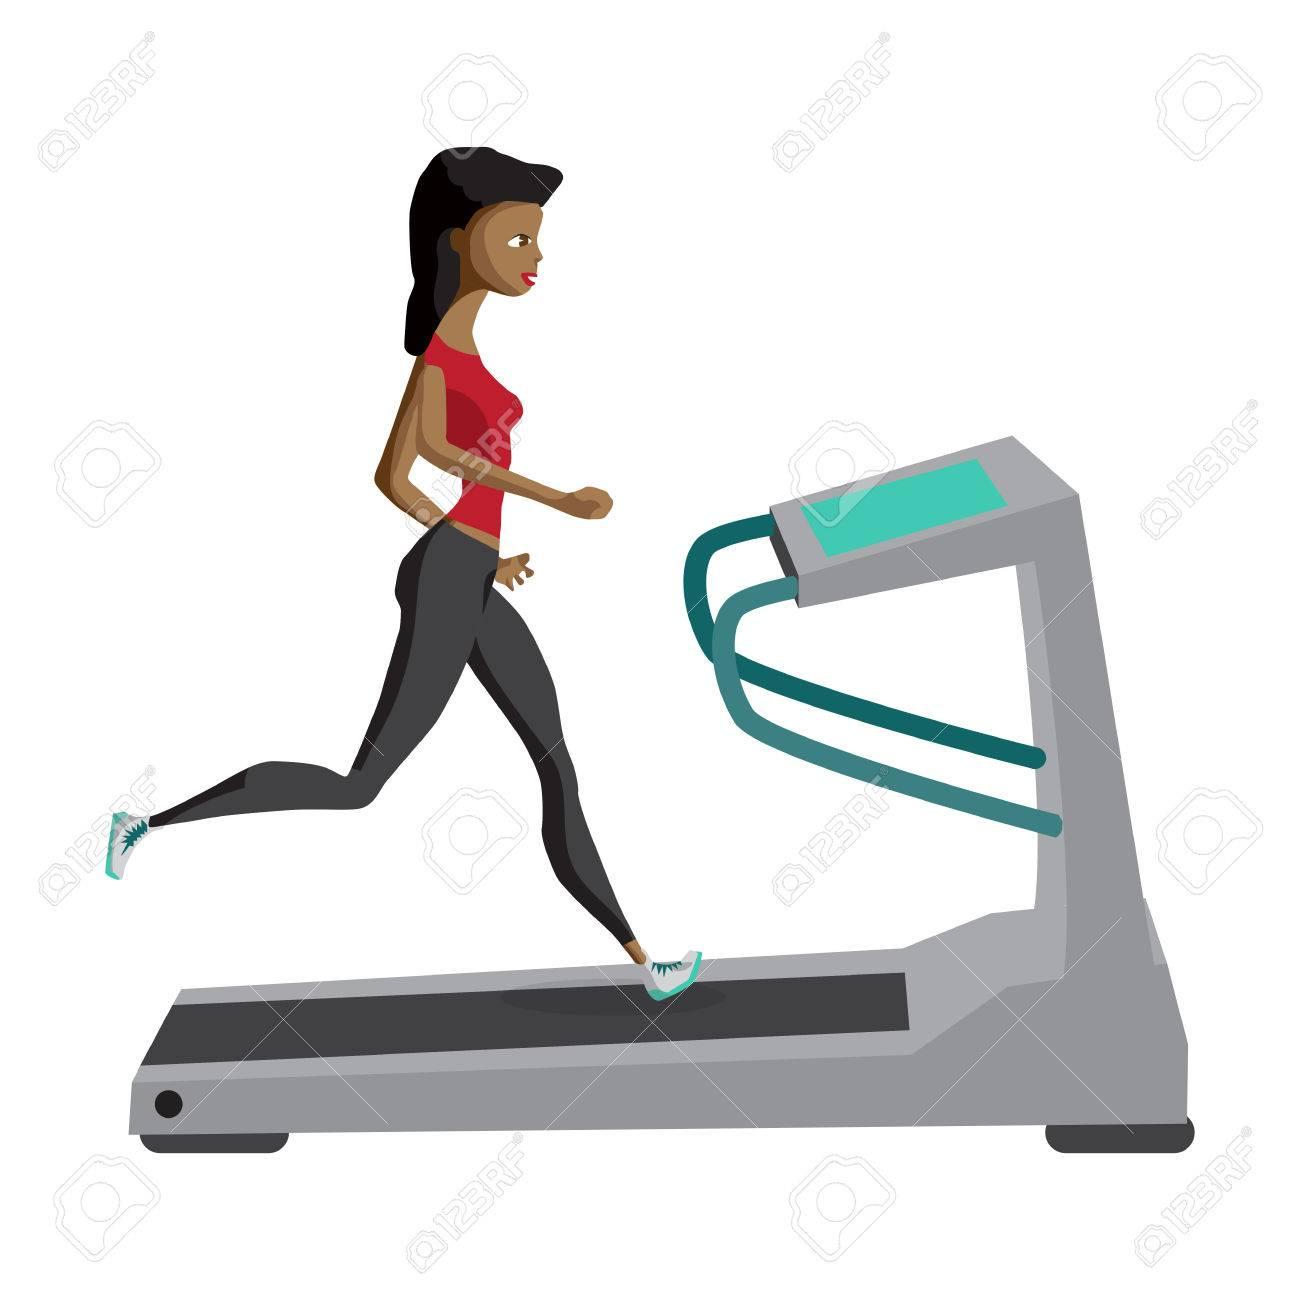 Femme Noire Courir Sur Tapis Roulant Sport Fitness Athletisme